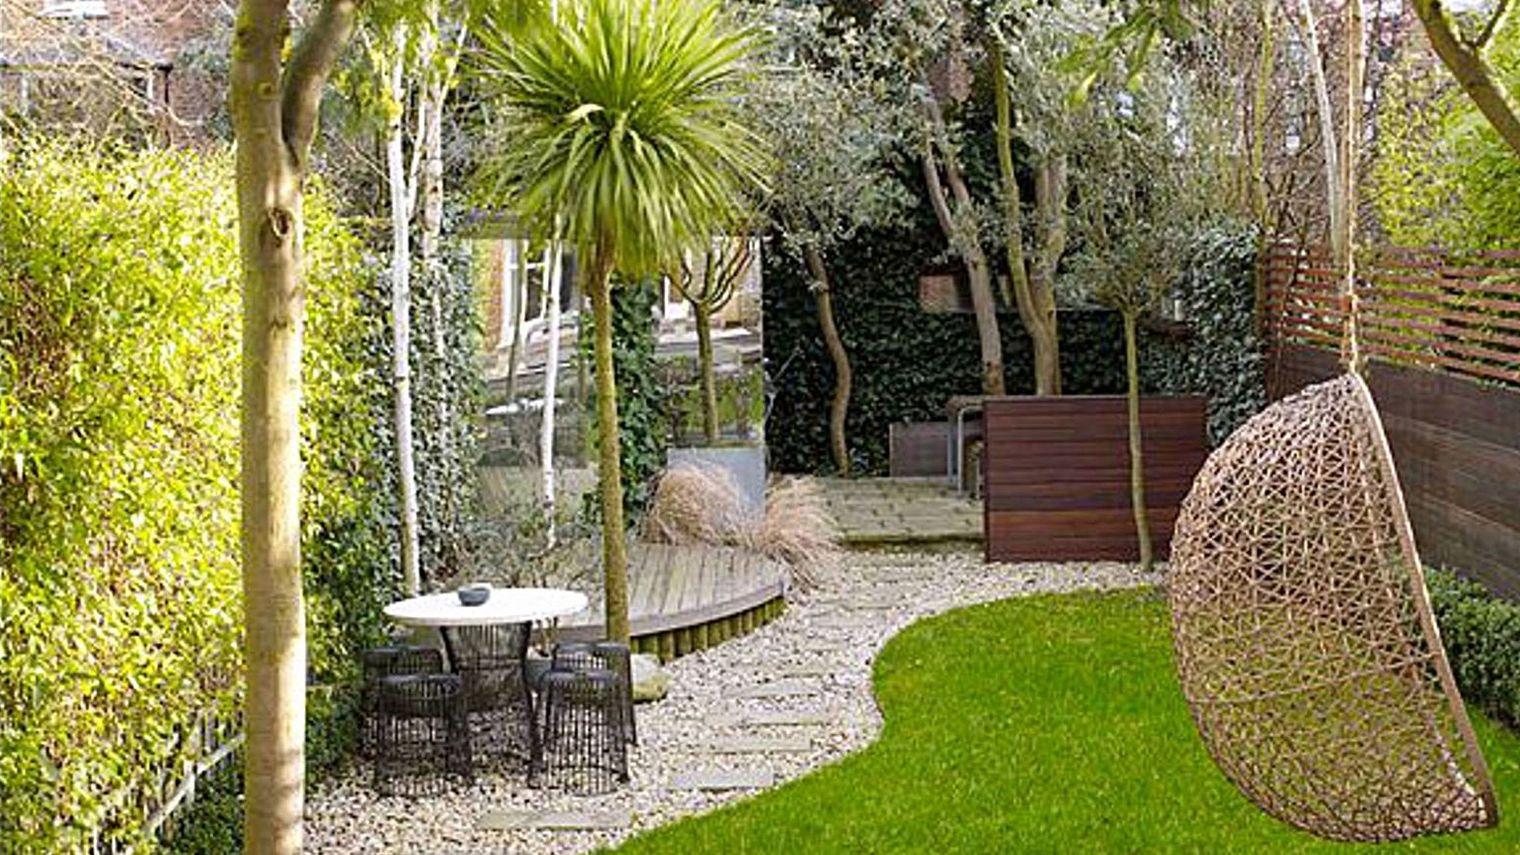 Astuces Et Conseils Pour Aménager Un Petit Jardin | Ligne Jardin encequiconcerne Creation Petit Jardin